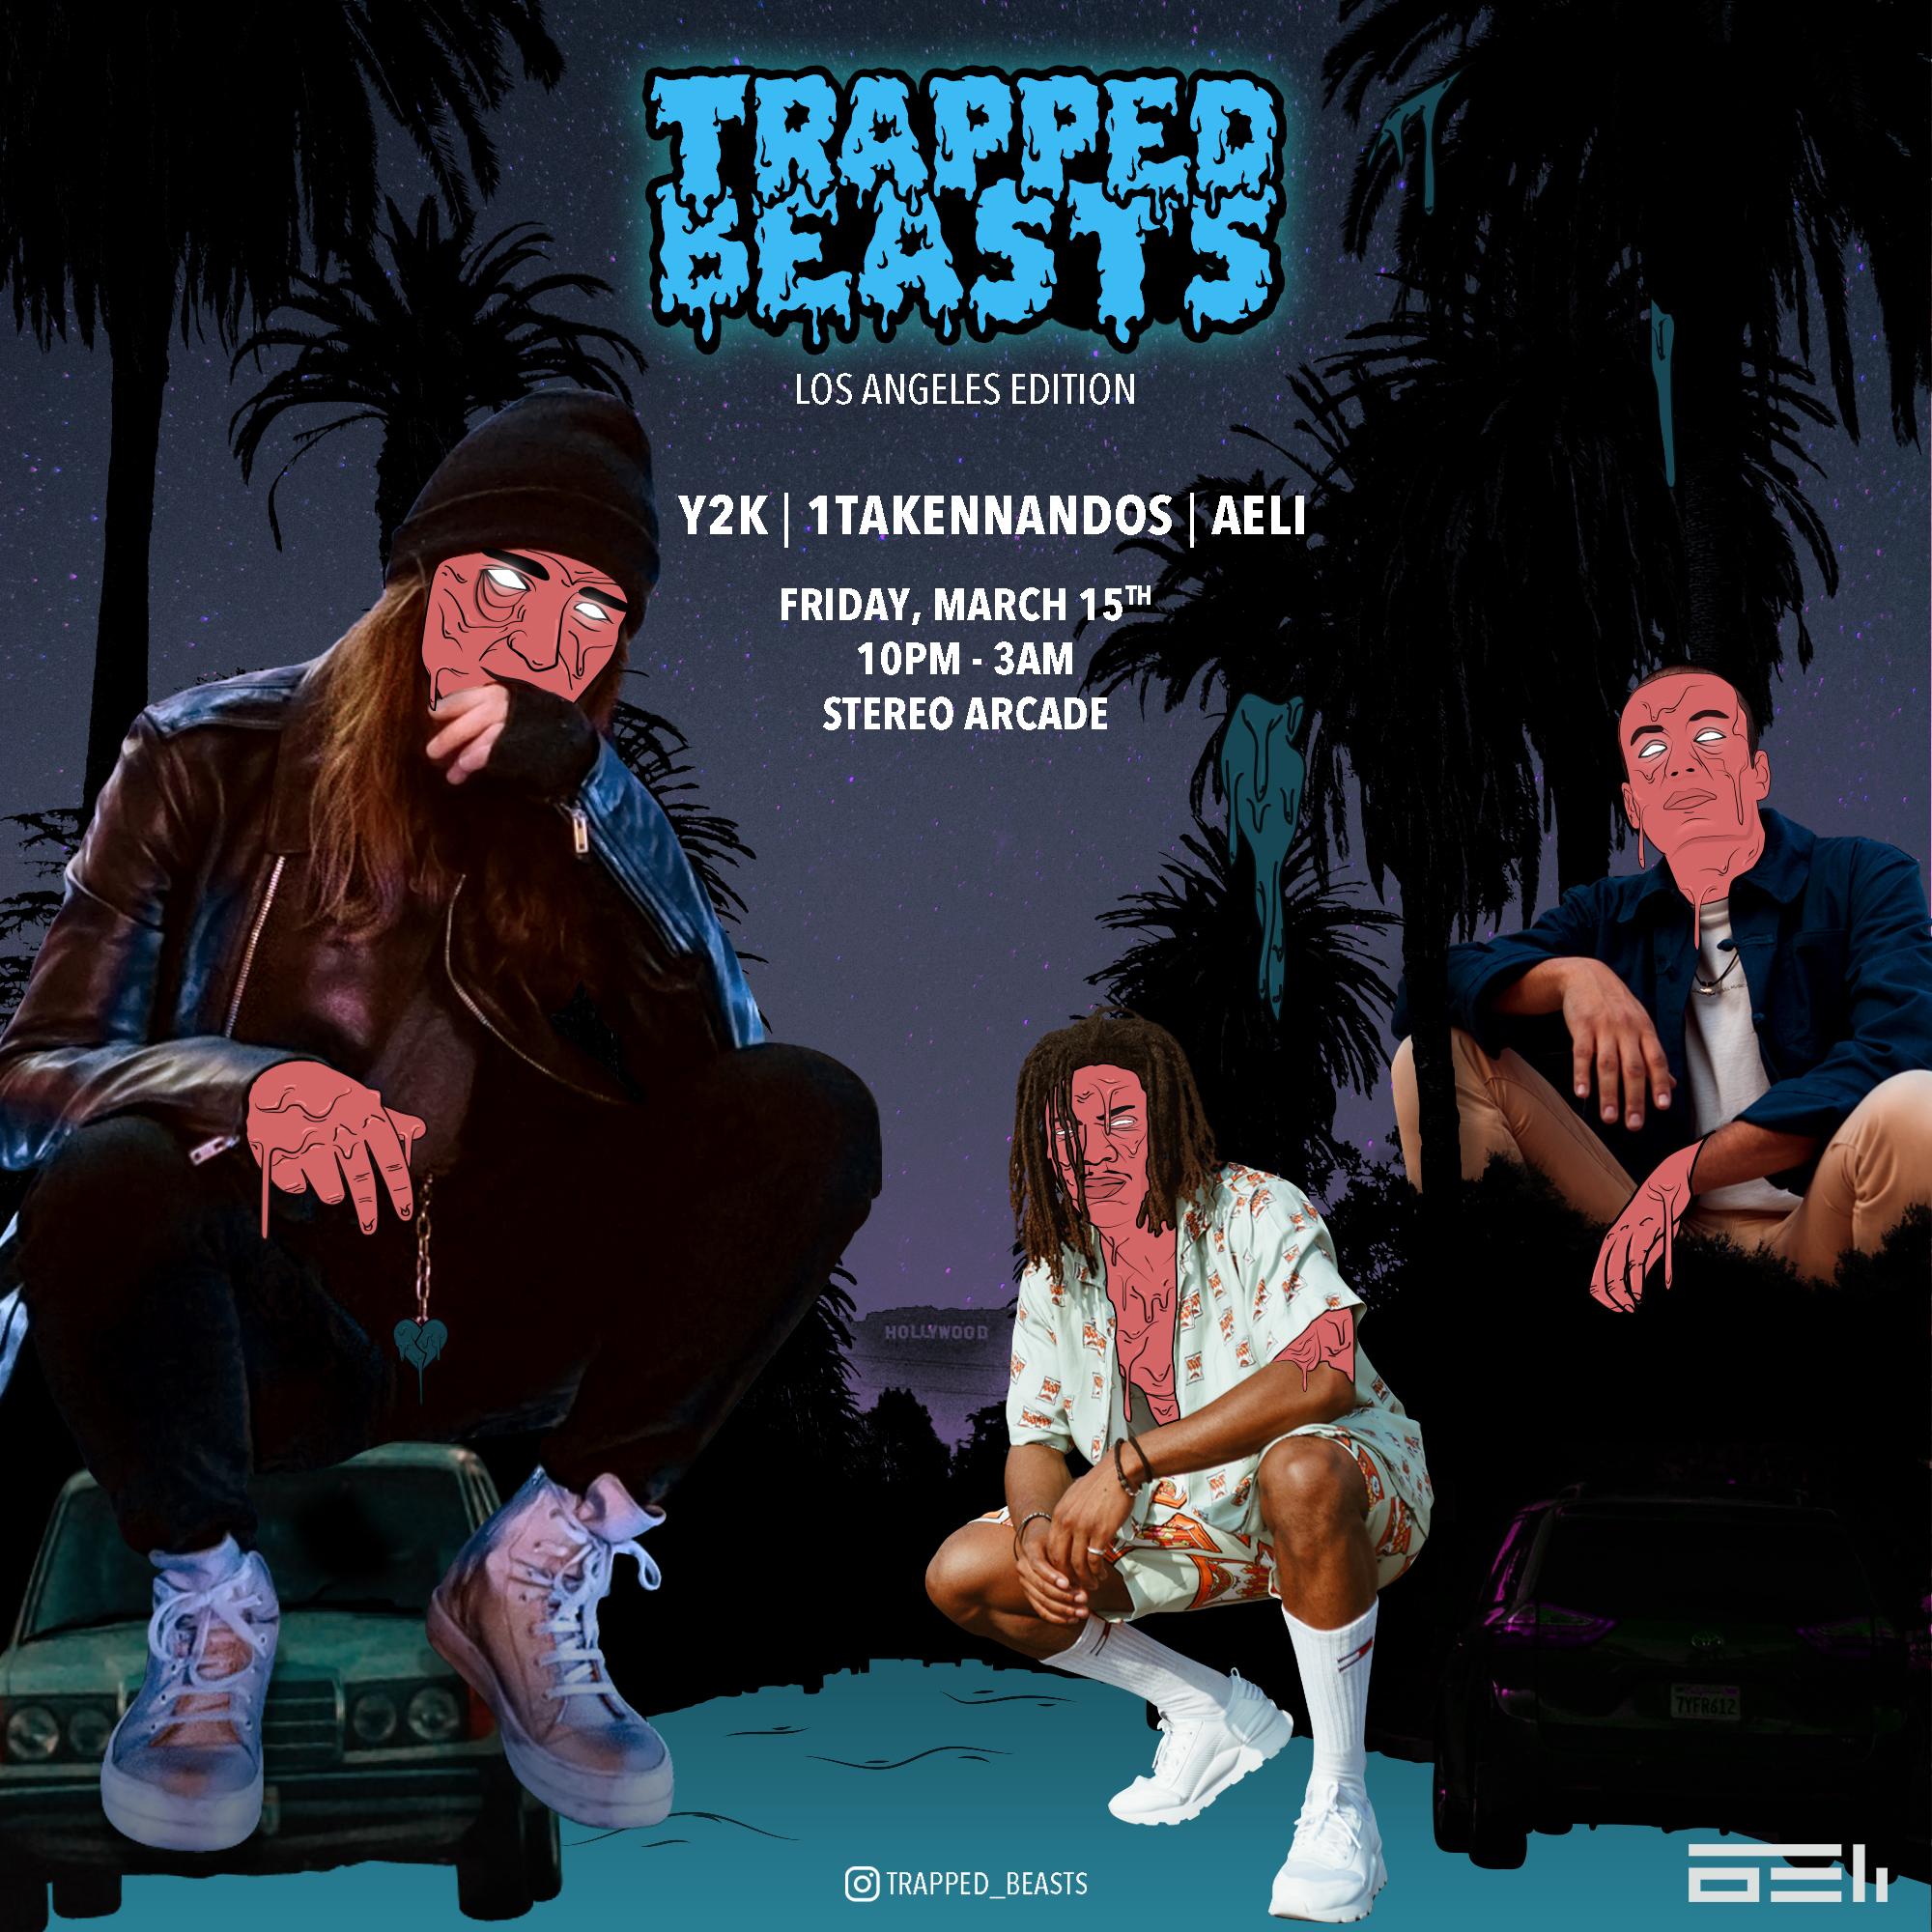 Trapped Beats LA-night Instagram.jpg